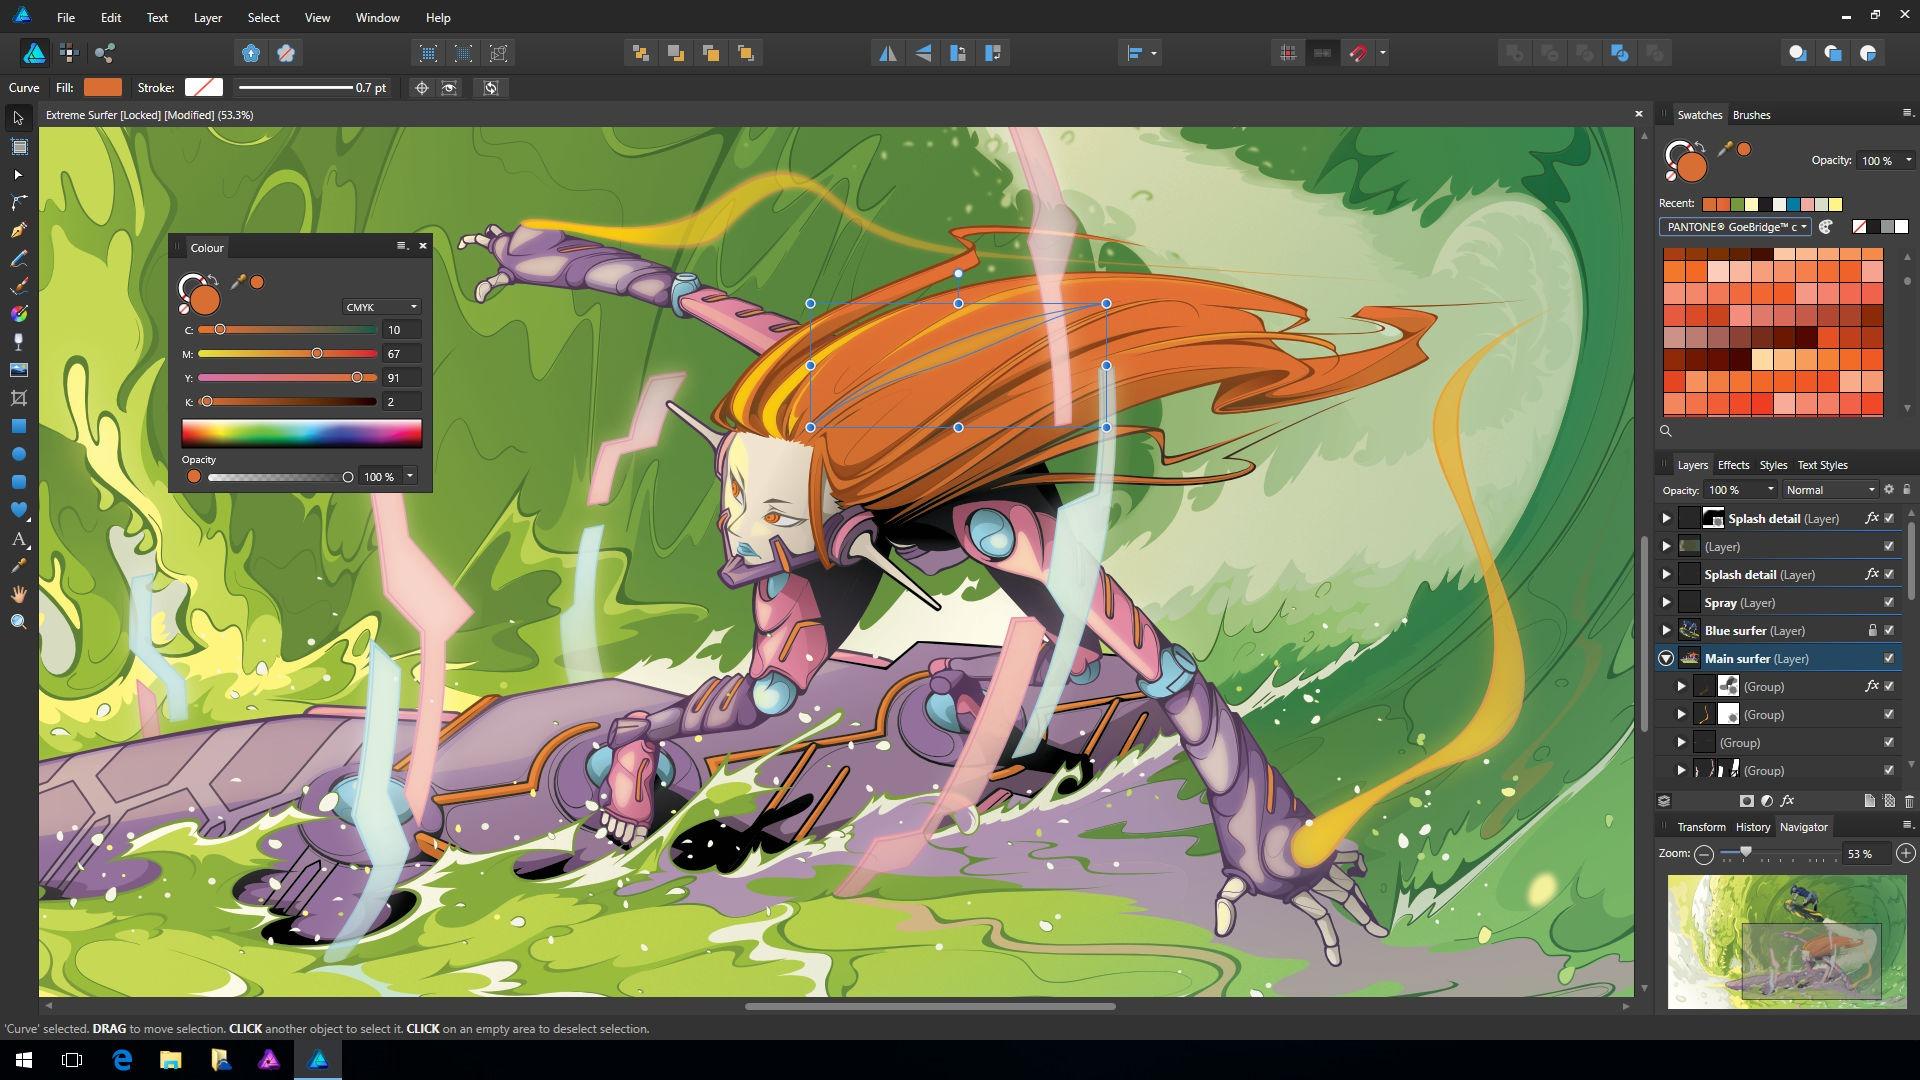 surfer-screenshot